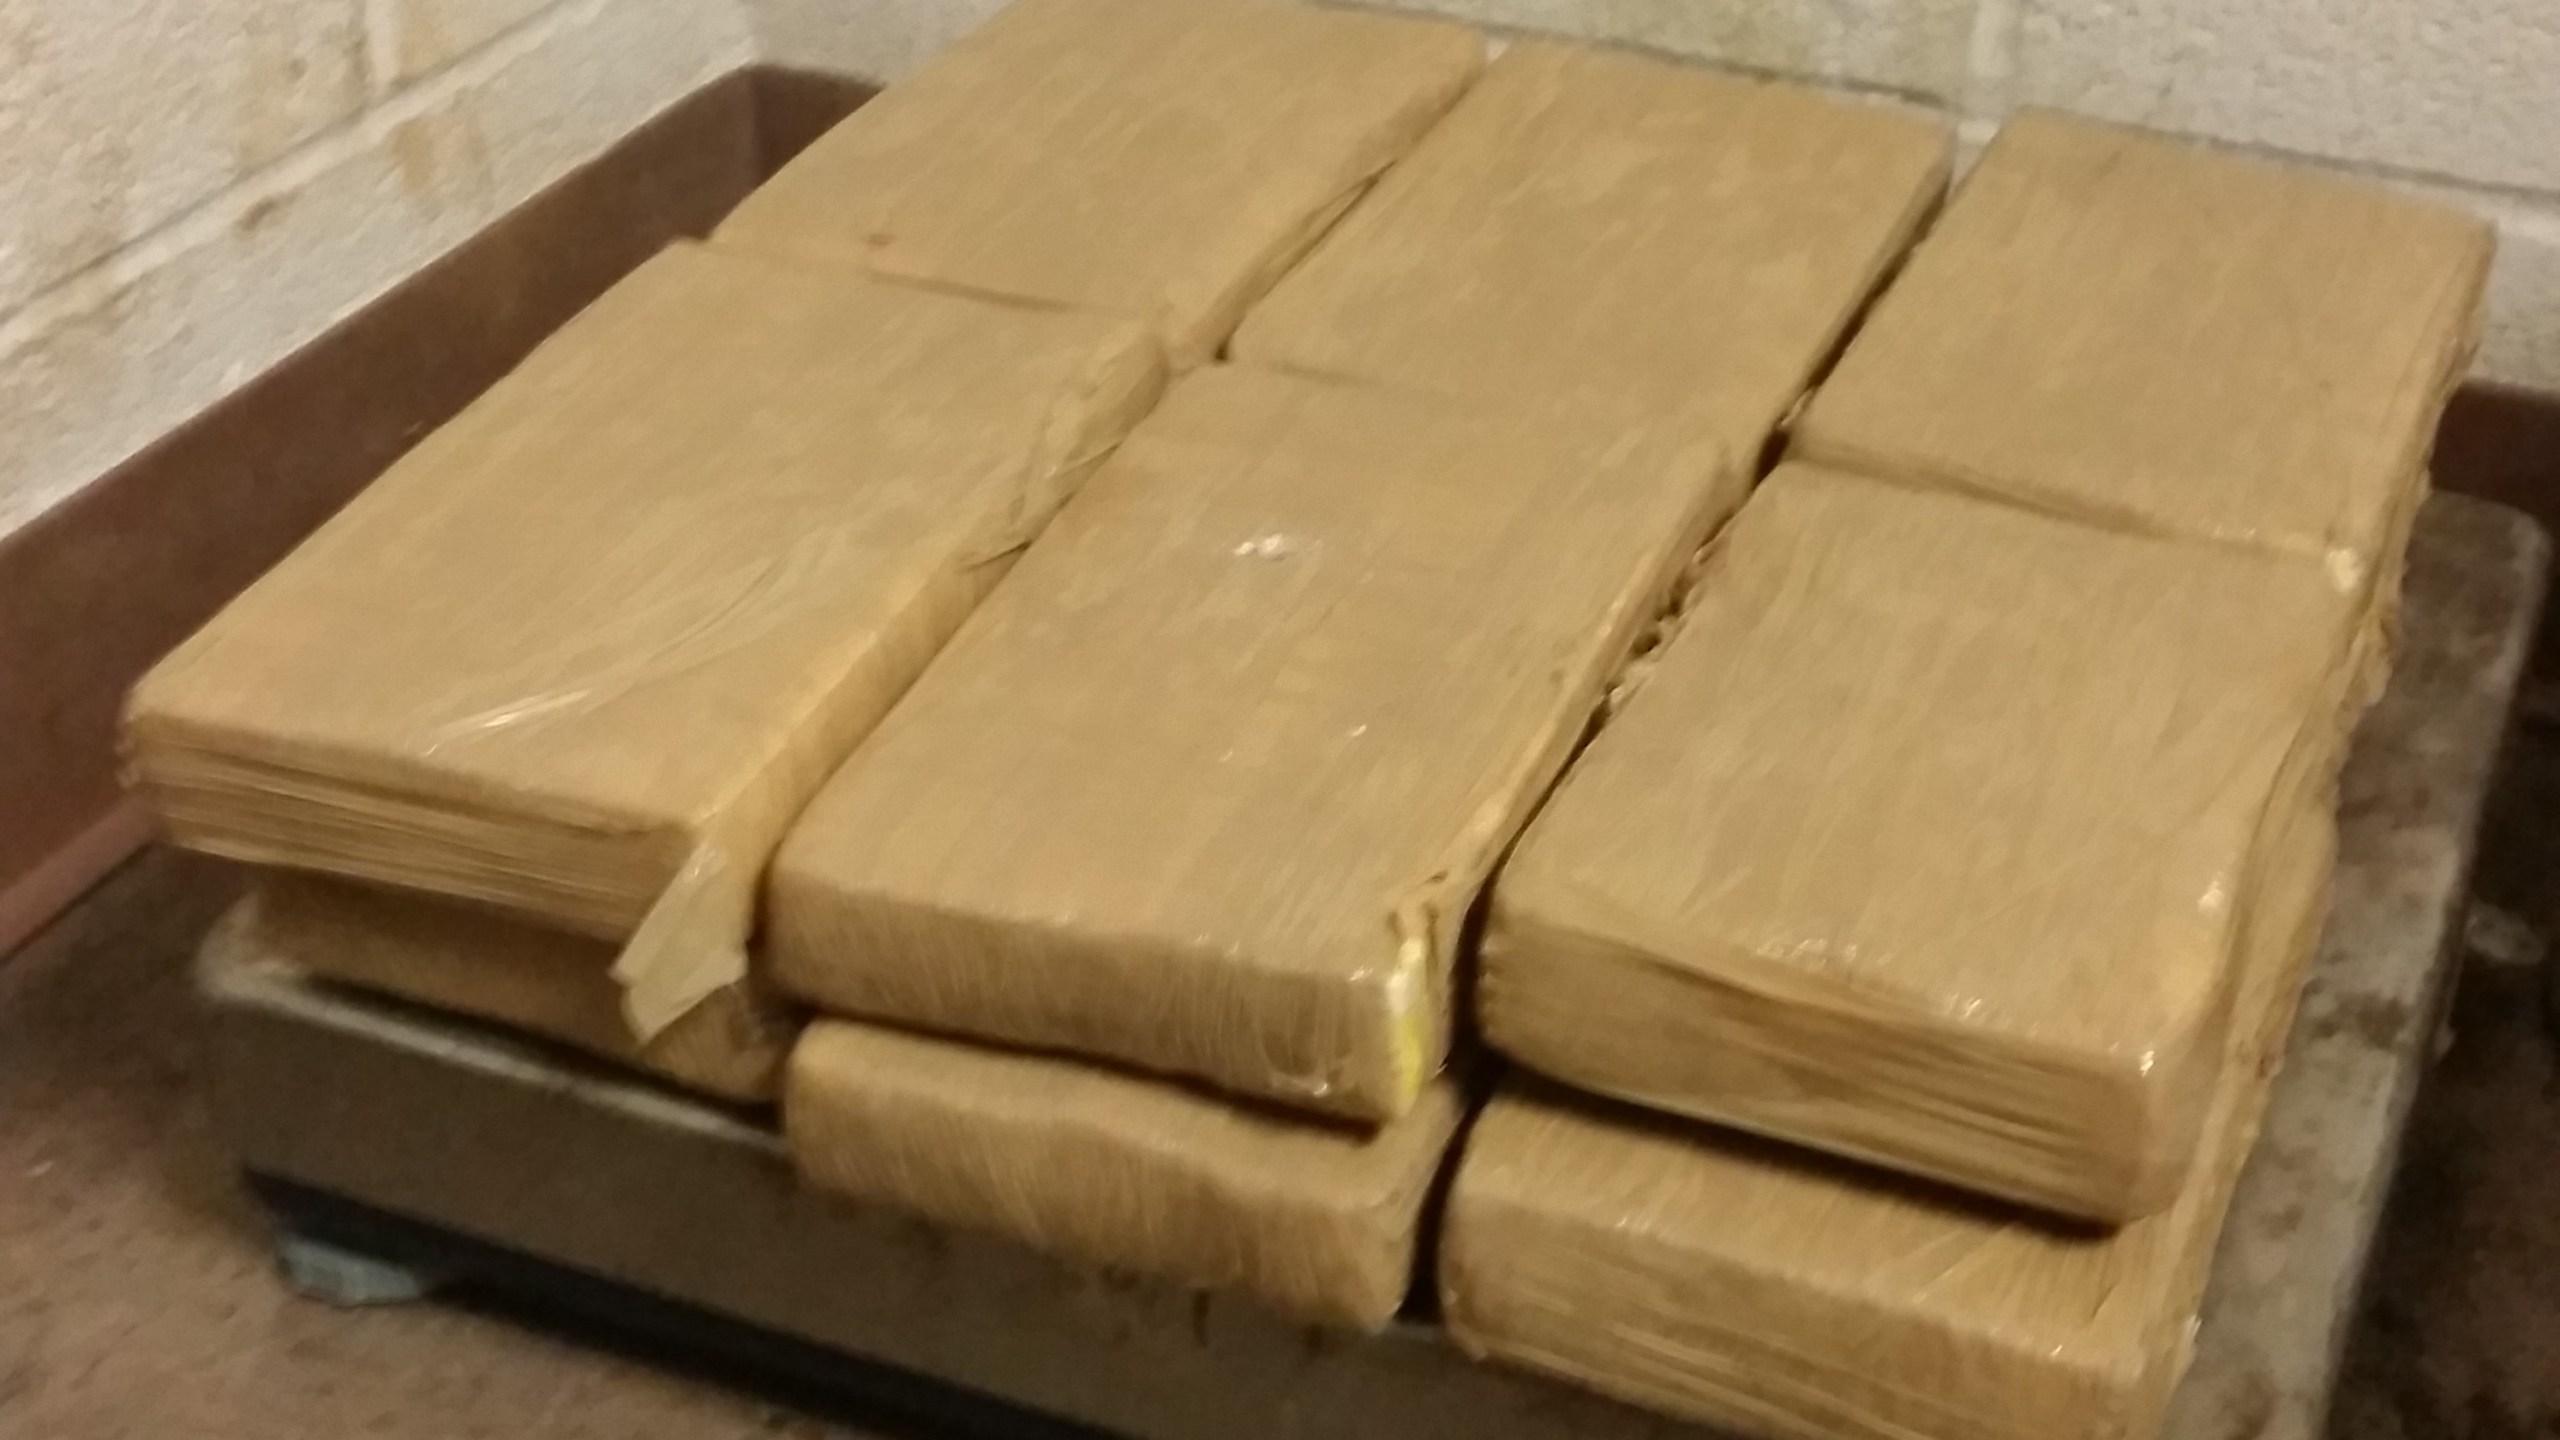 Gateway Cocaine Seizure 08132016, Courtesy of CBP Brownsville_1471370707148.jpg